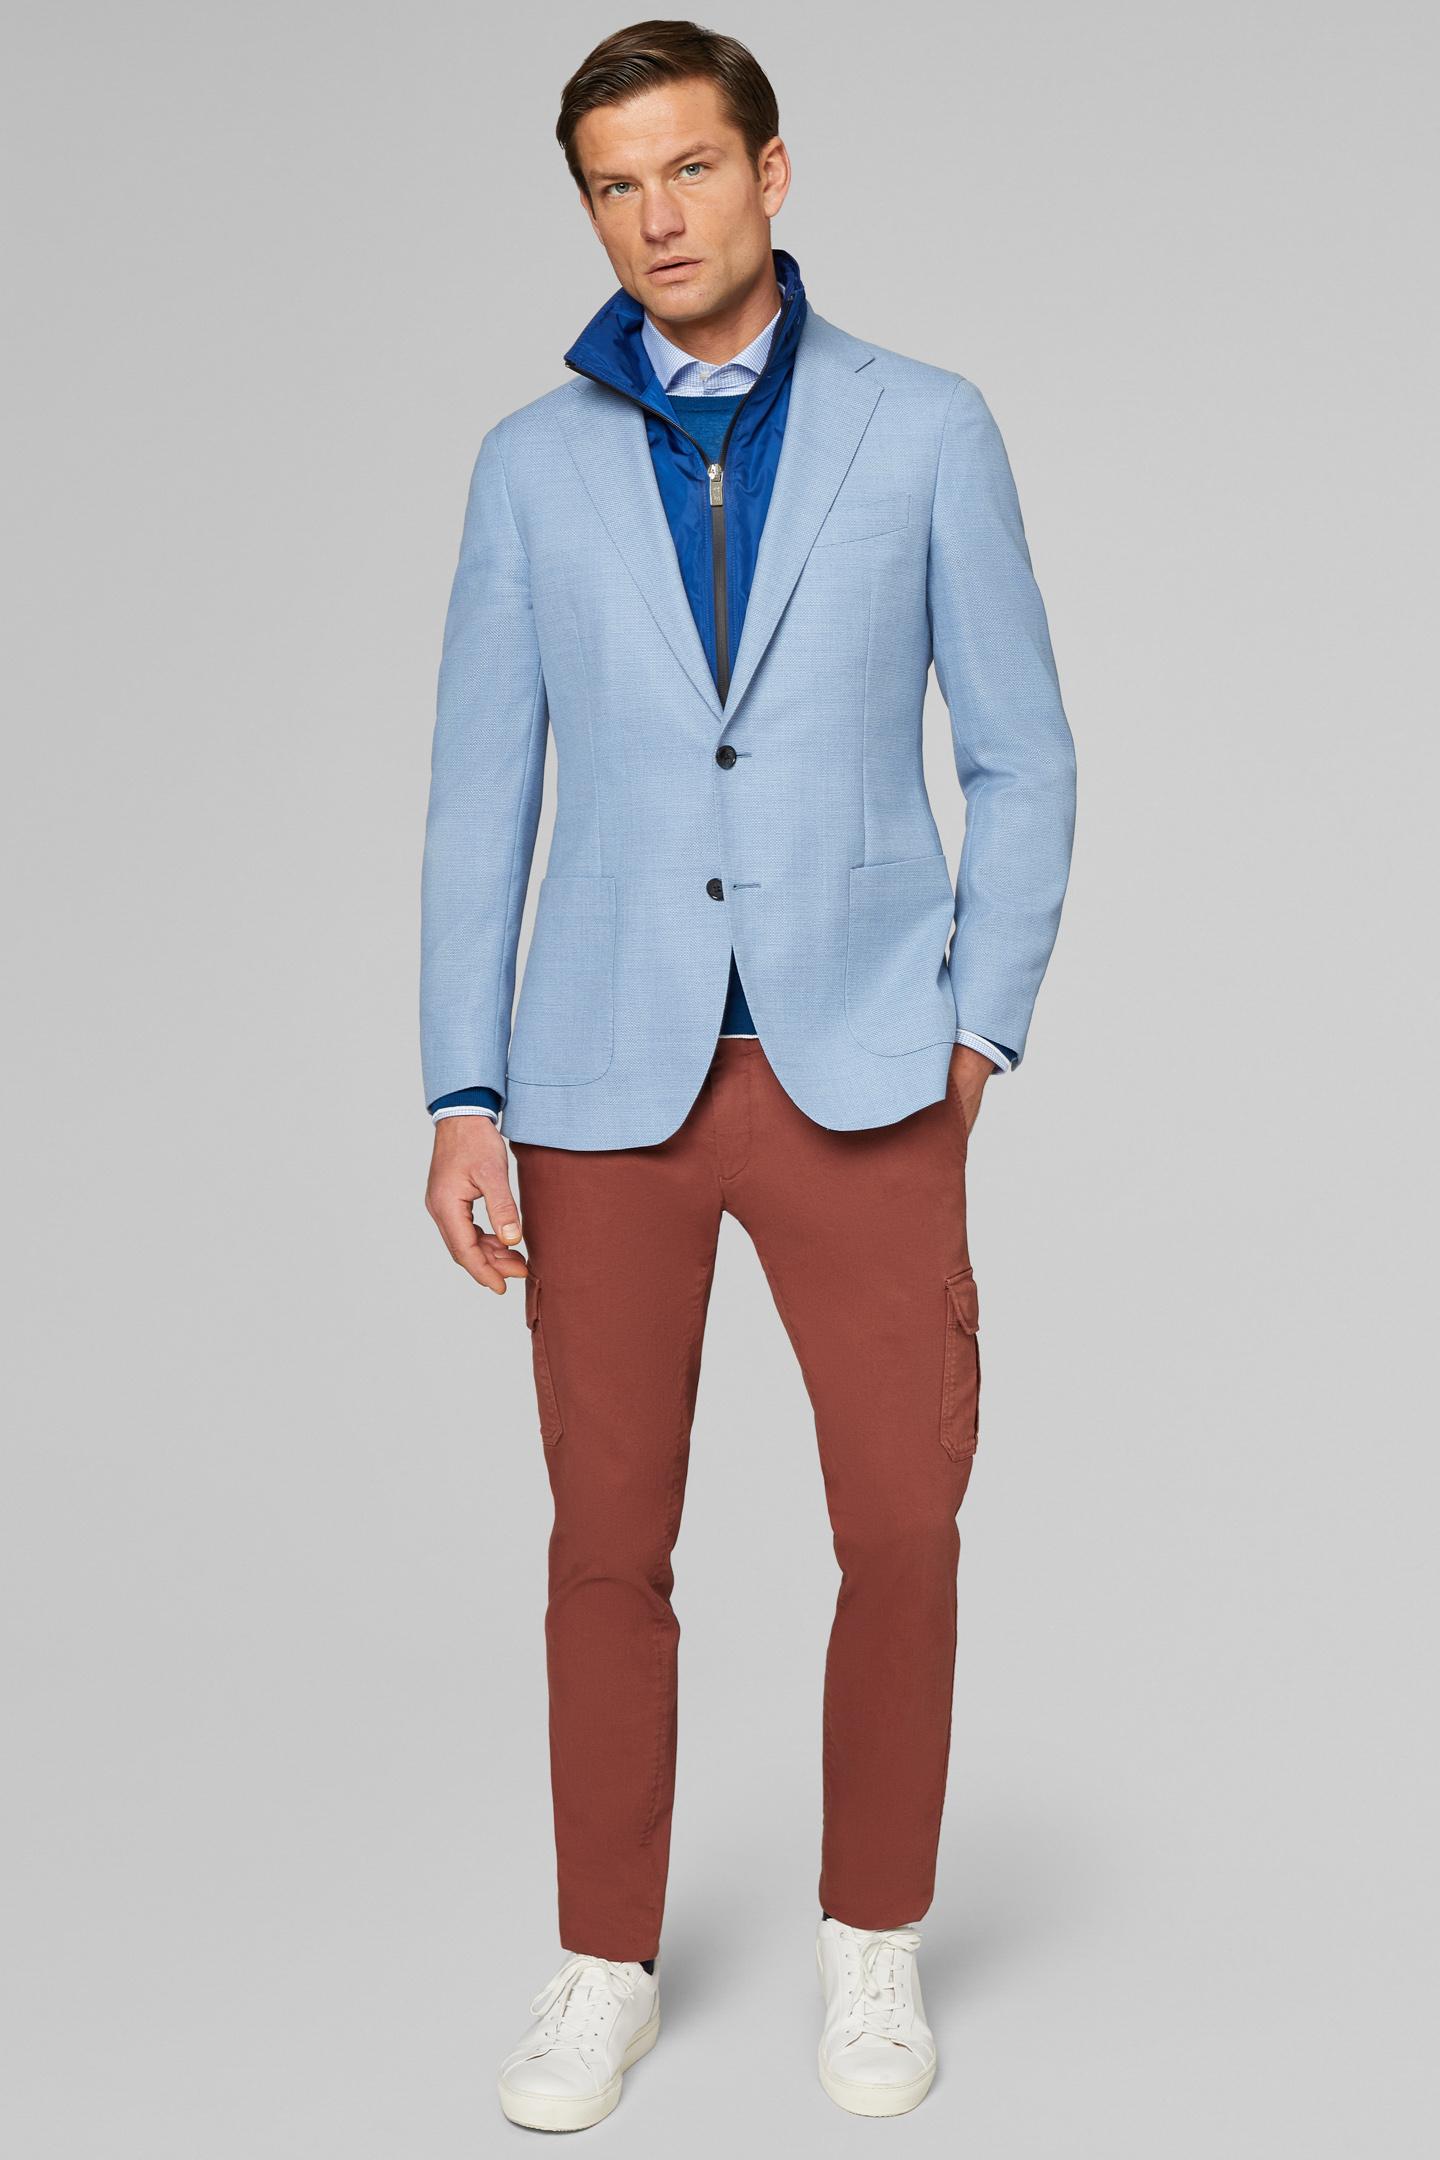 Milano E Abbigliamento CasualBoggi Uomo Online Elegante BQdoreWCx